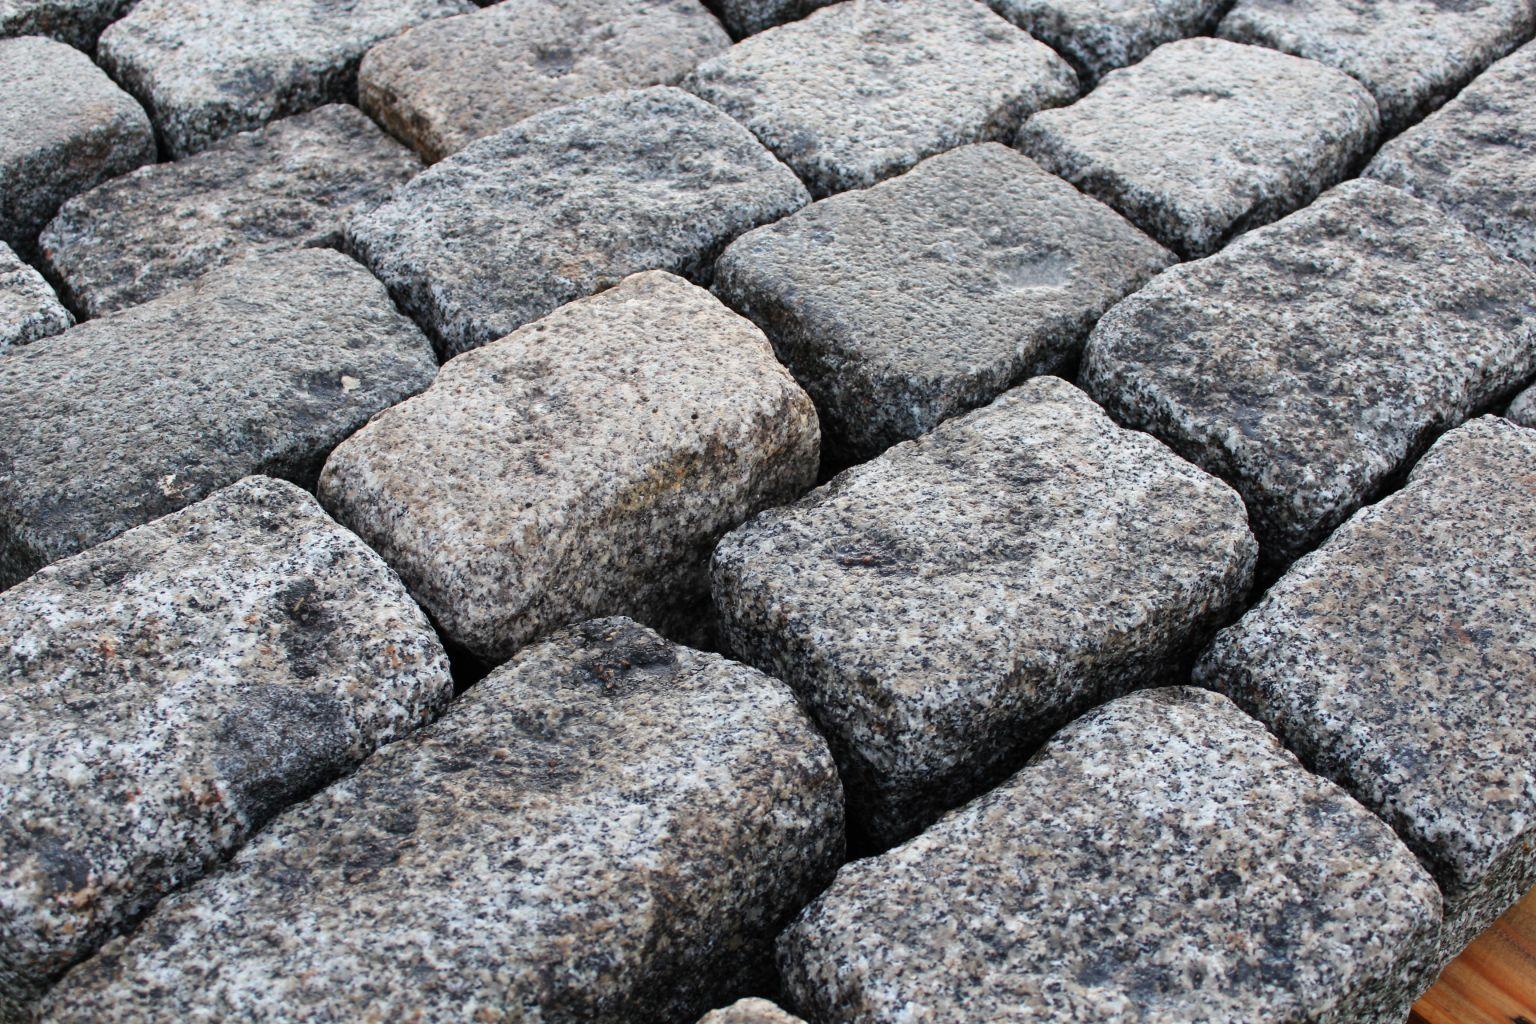 Pav s granit de versailles - Dalle granit pour terrasse ...